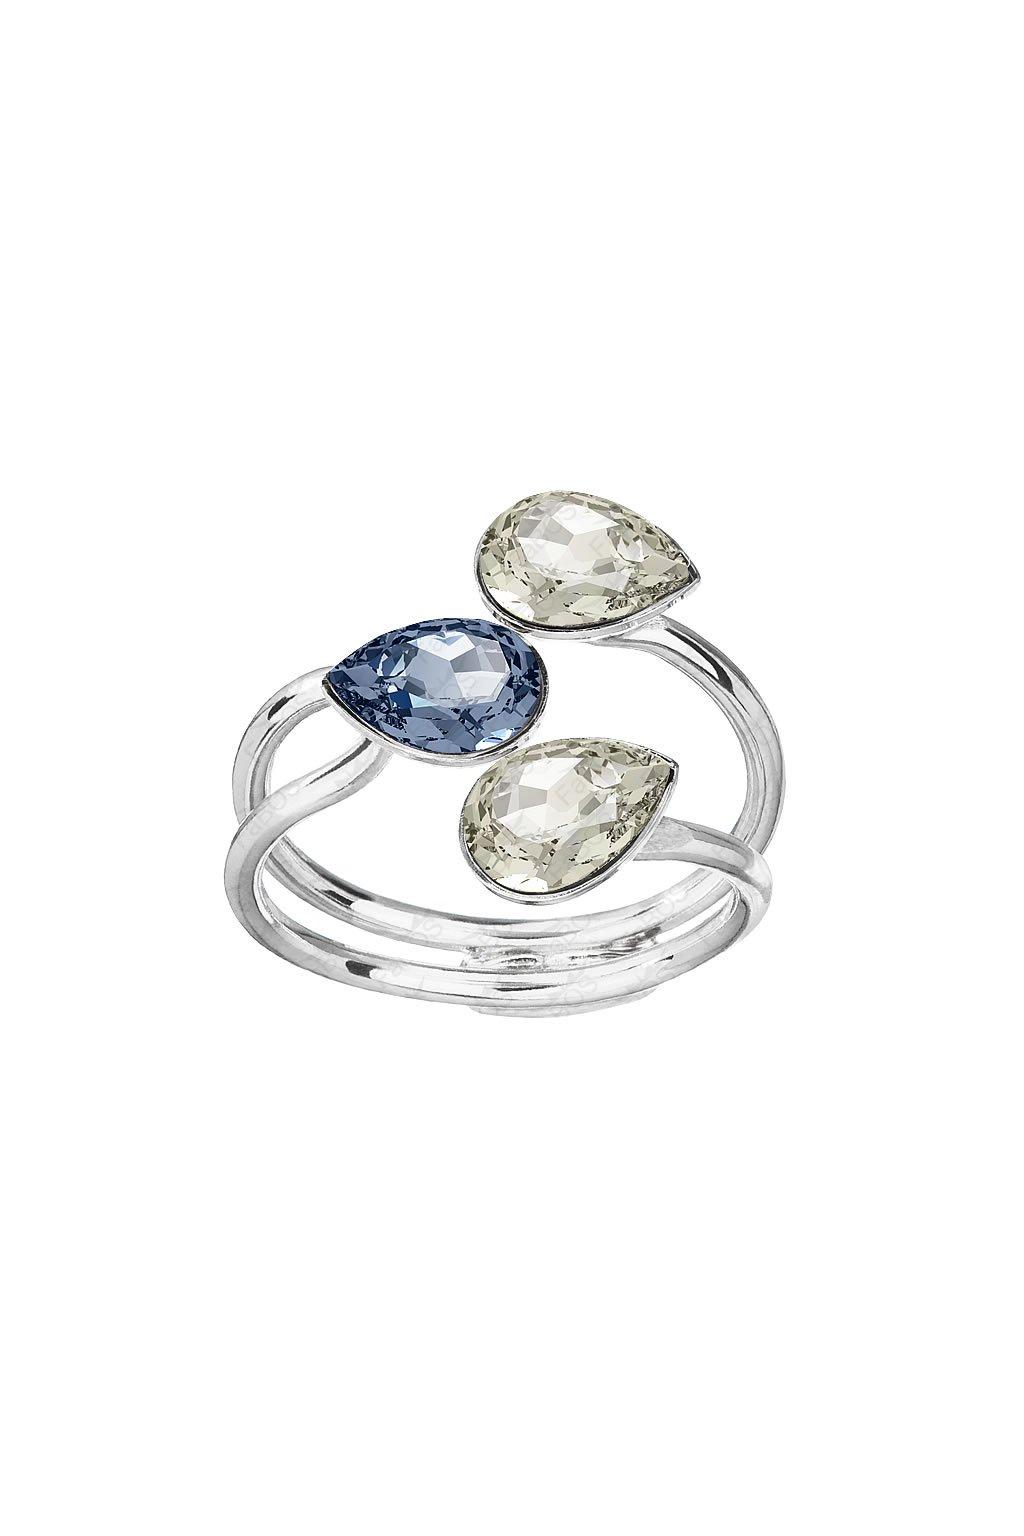 Prsteny Swarovski levně